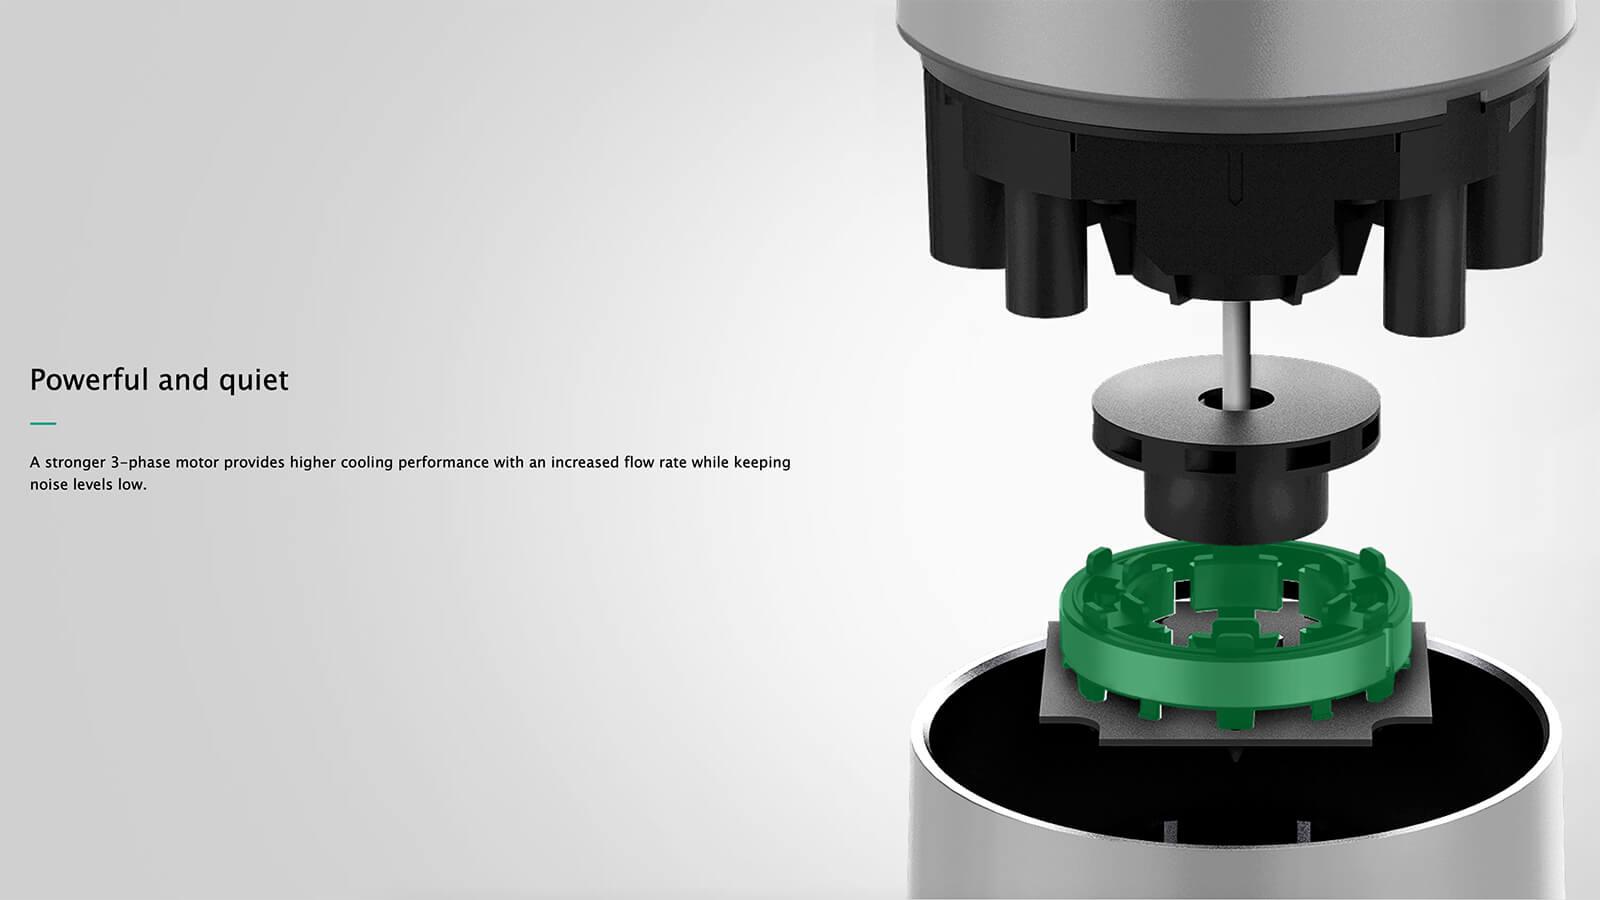 Deepcool Castle 360ex Addressable Rgb Aio Liquid Cpu Cooler Feature03